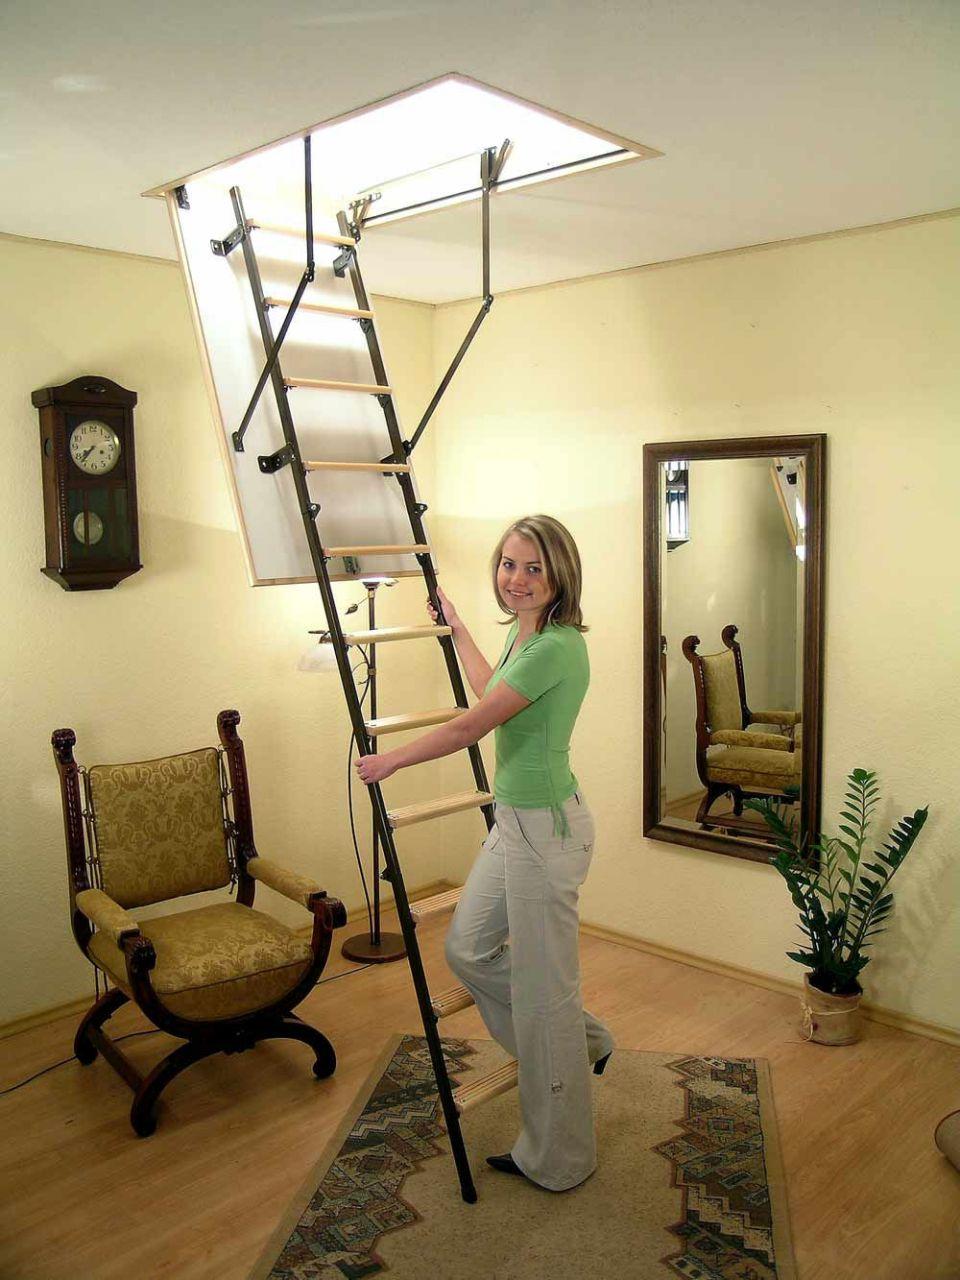 Лестница раскладная на чердак своими руками - делаем пошагово 45